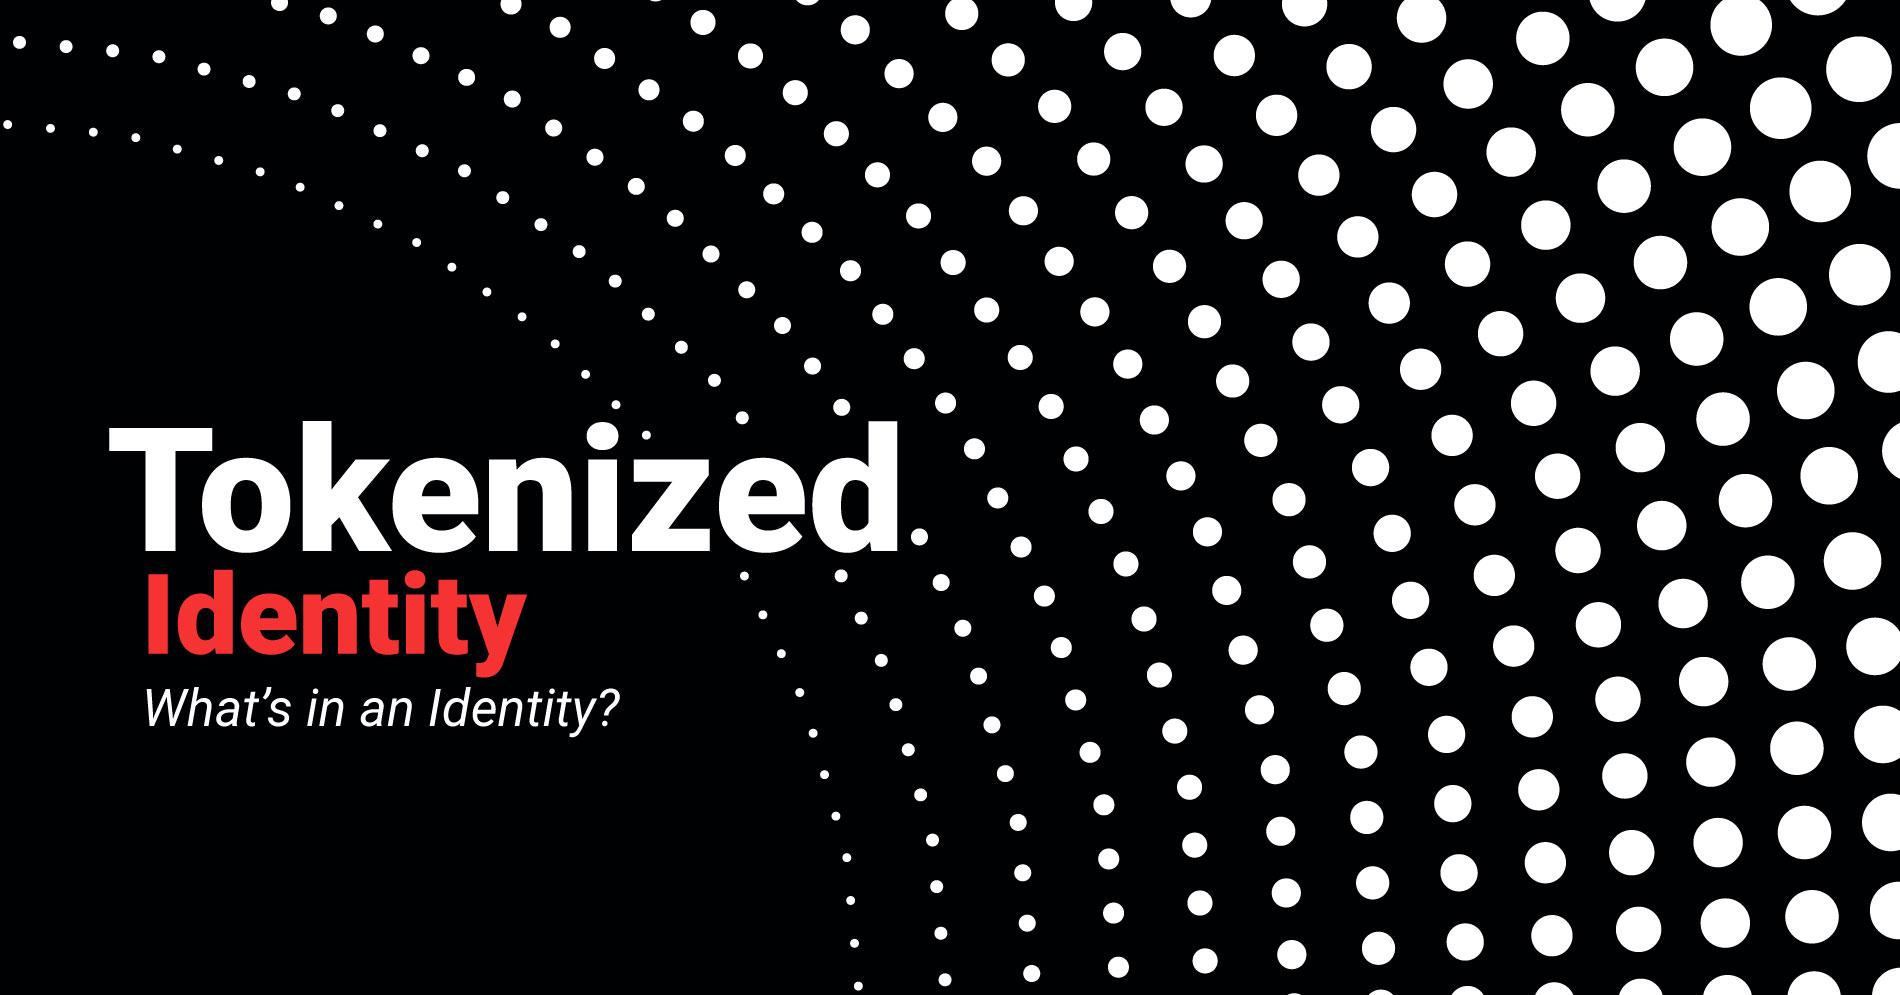 Tokenized Identity